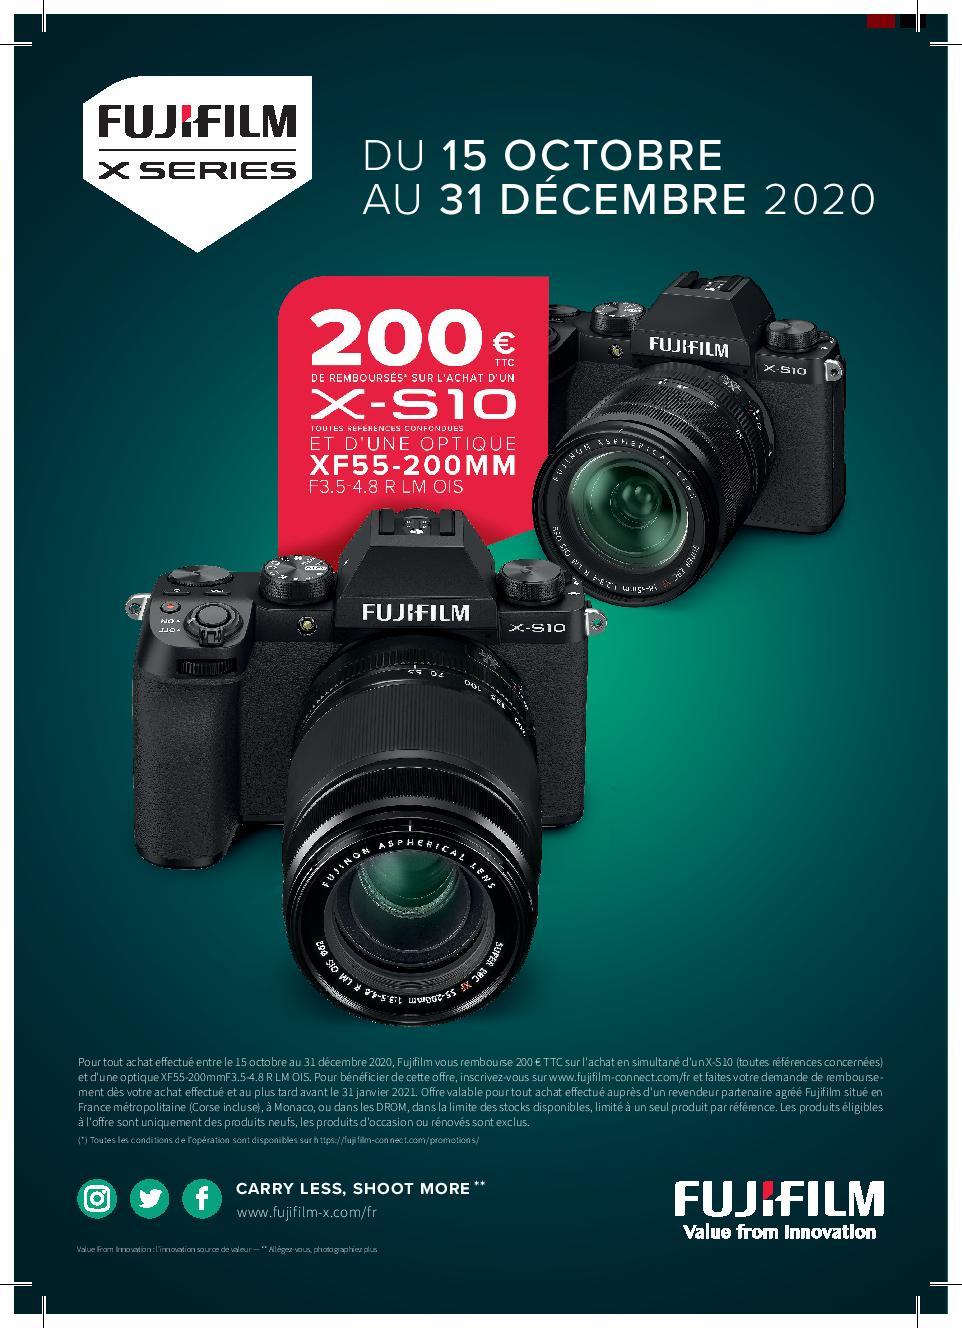 200€ de remboursé via ODR pour l'achat simultané du Fujifilm X-S10 (toutes références) + Objectif zoom XF 55-200mm f3,5-4,8 - Ex X-S10 Nu